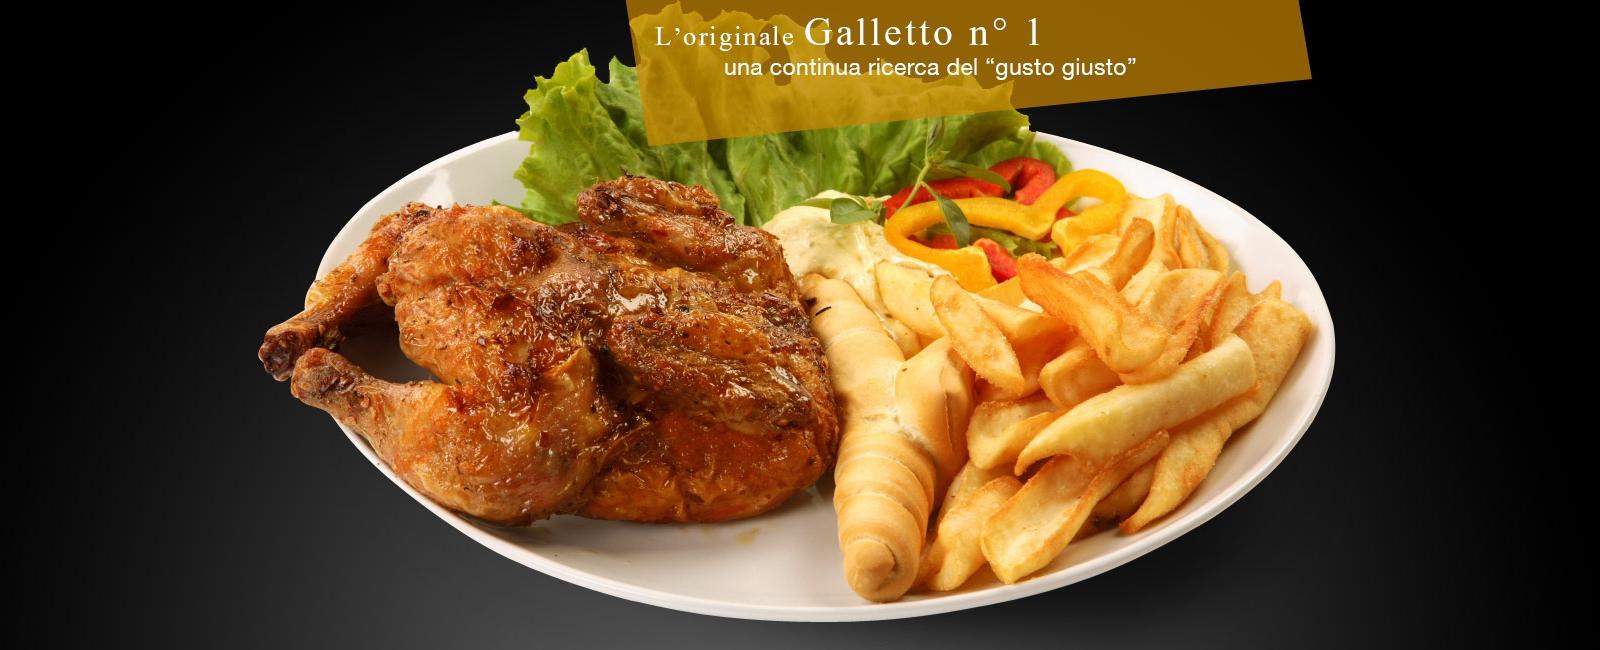 <div>L&#39;originale Galletto nr. 1<br />una continua ricerca del 'gusto giusto'</div>